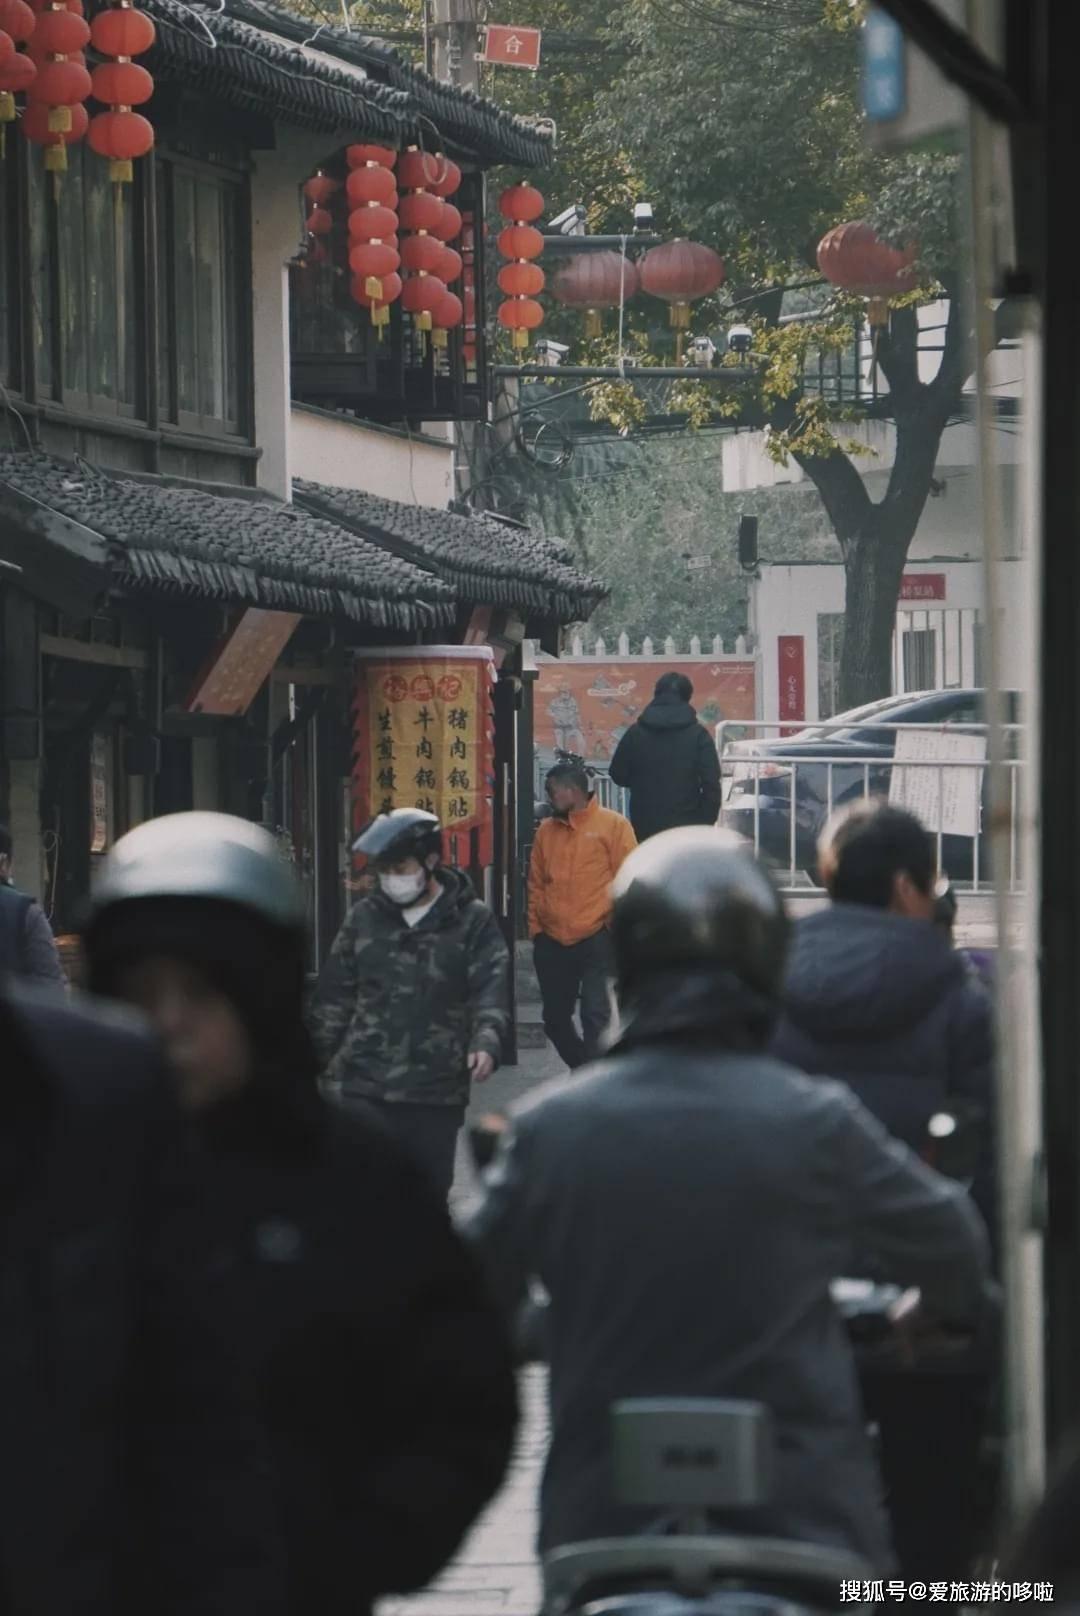 苏州老街上的香气,是最温柔的市井味道